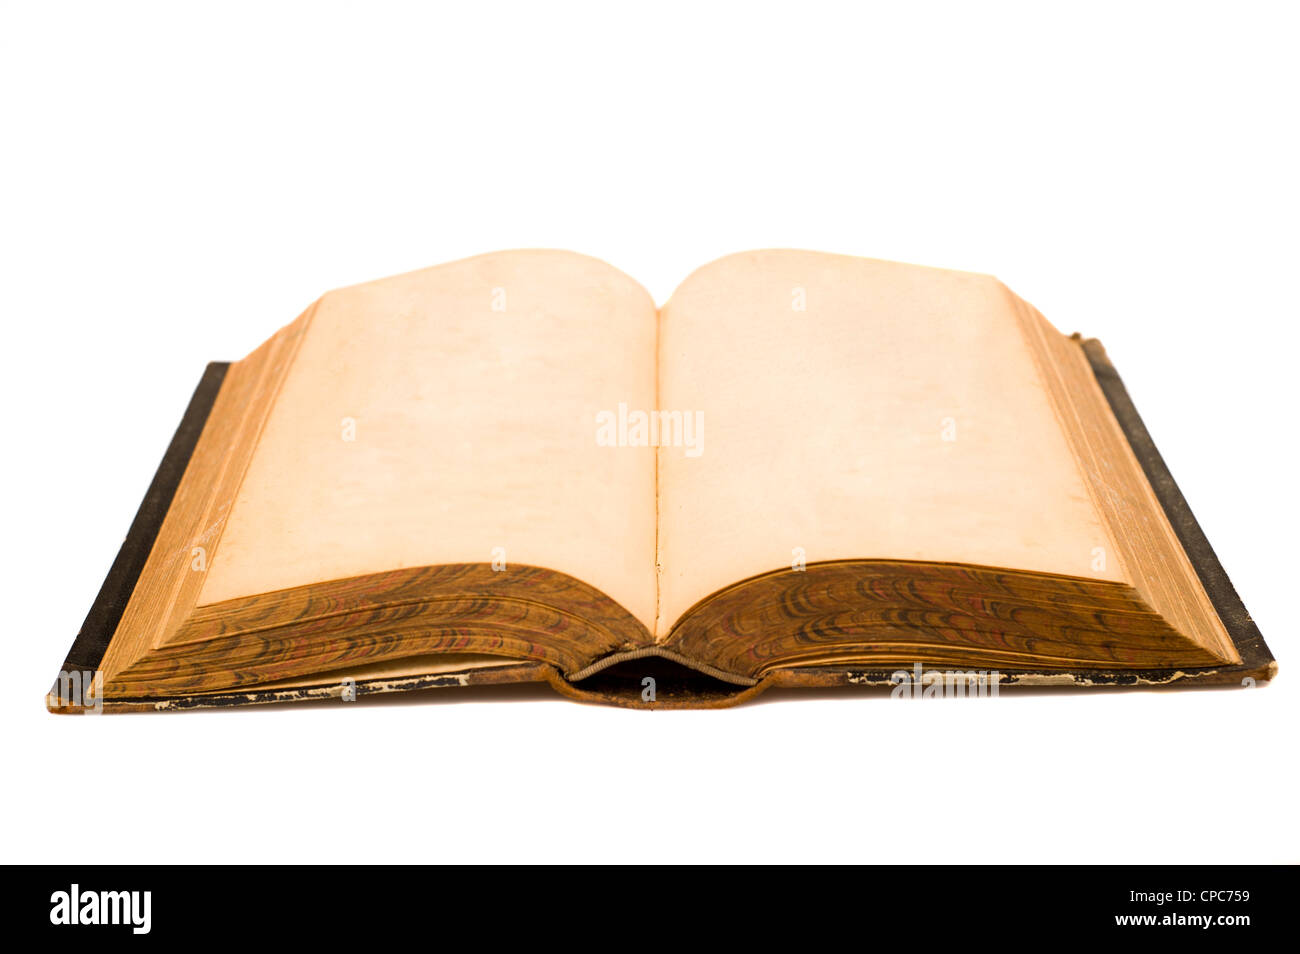 Un vieux livre ouvert avec des pages vierges Photo Stock